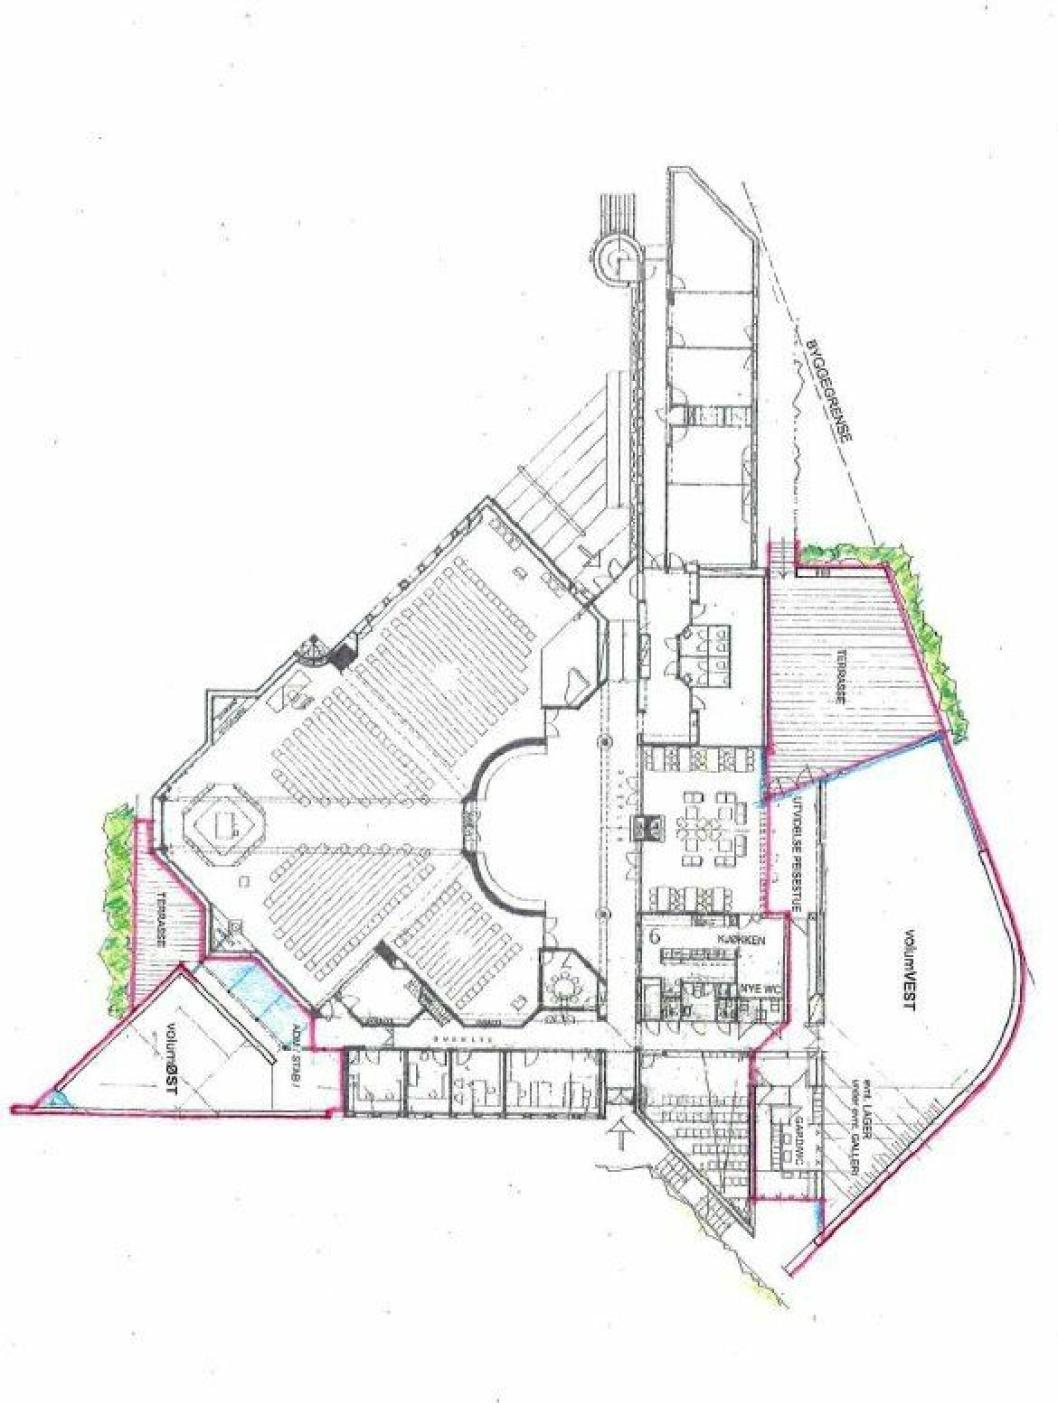 FØRSTE ETASJE: Her kan du se den planlagte utvidelsen av kirken med Volum Vest og Volum Øst.